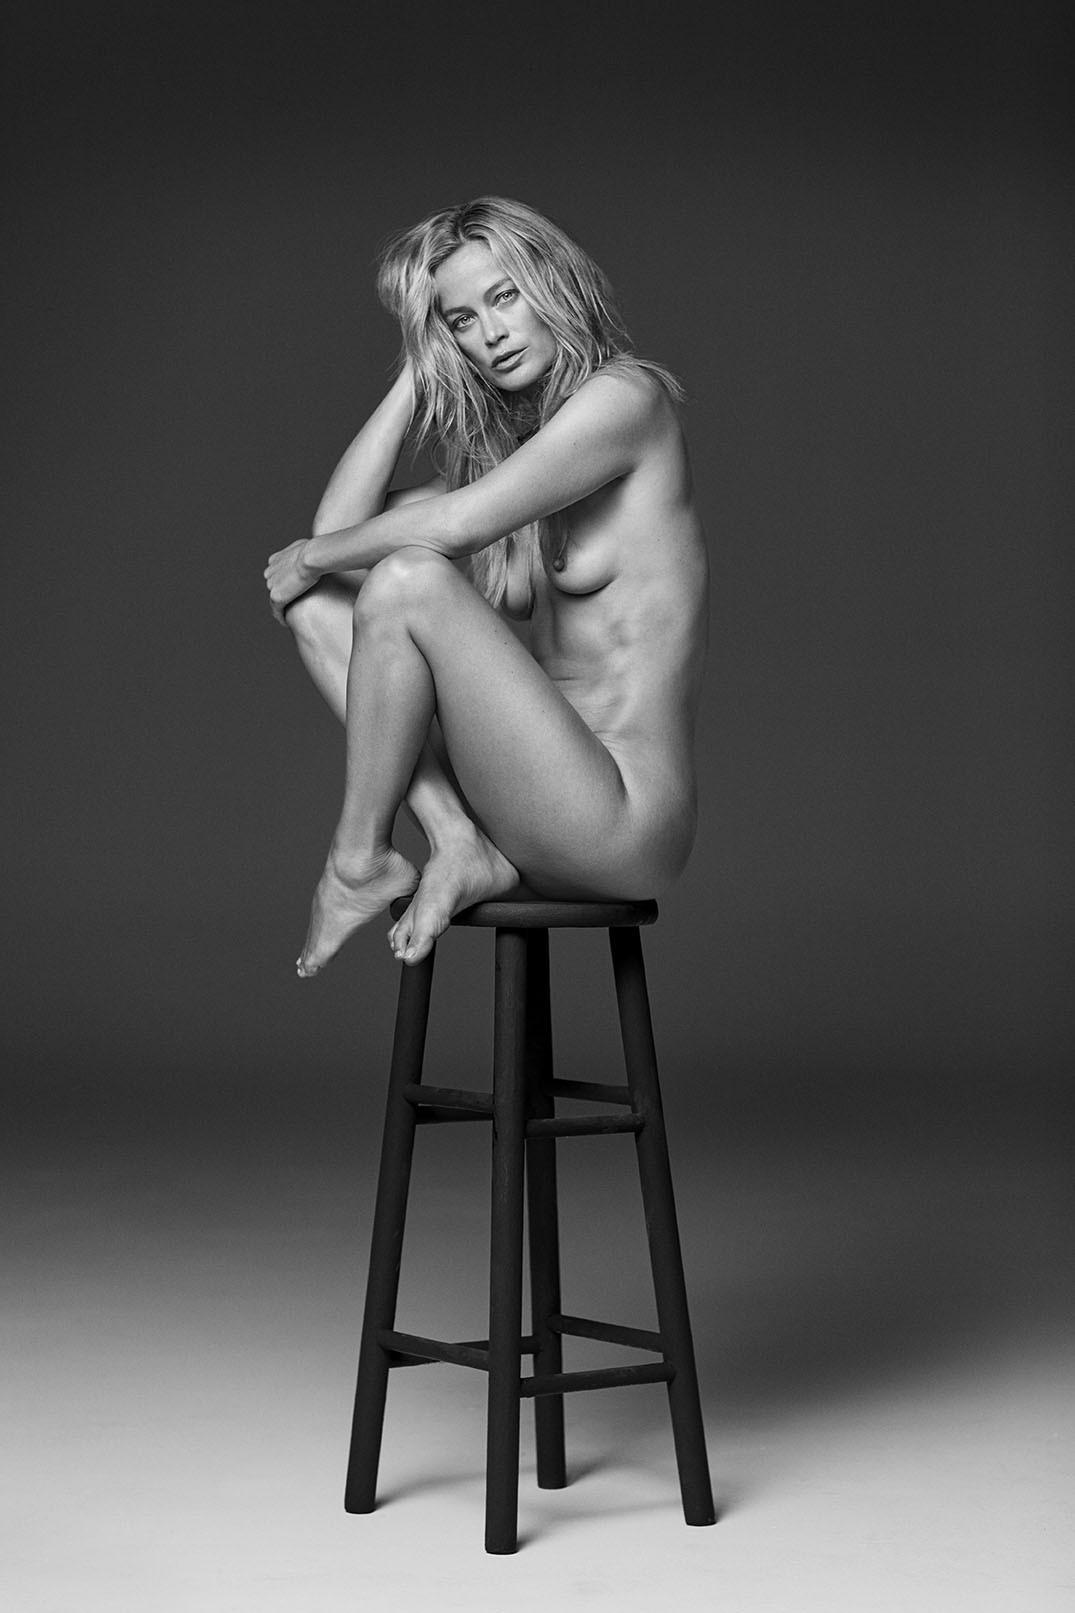 Кэролин Мёрфи на высоком стуле. Автор Расселл Джеймс